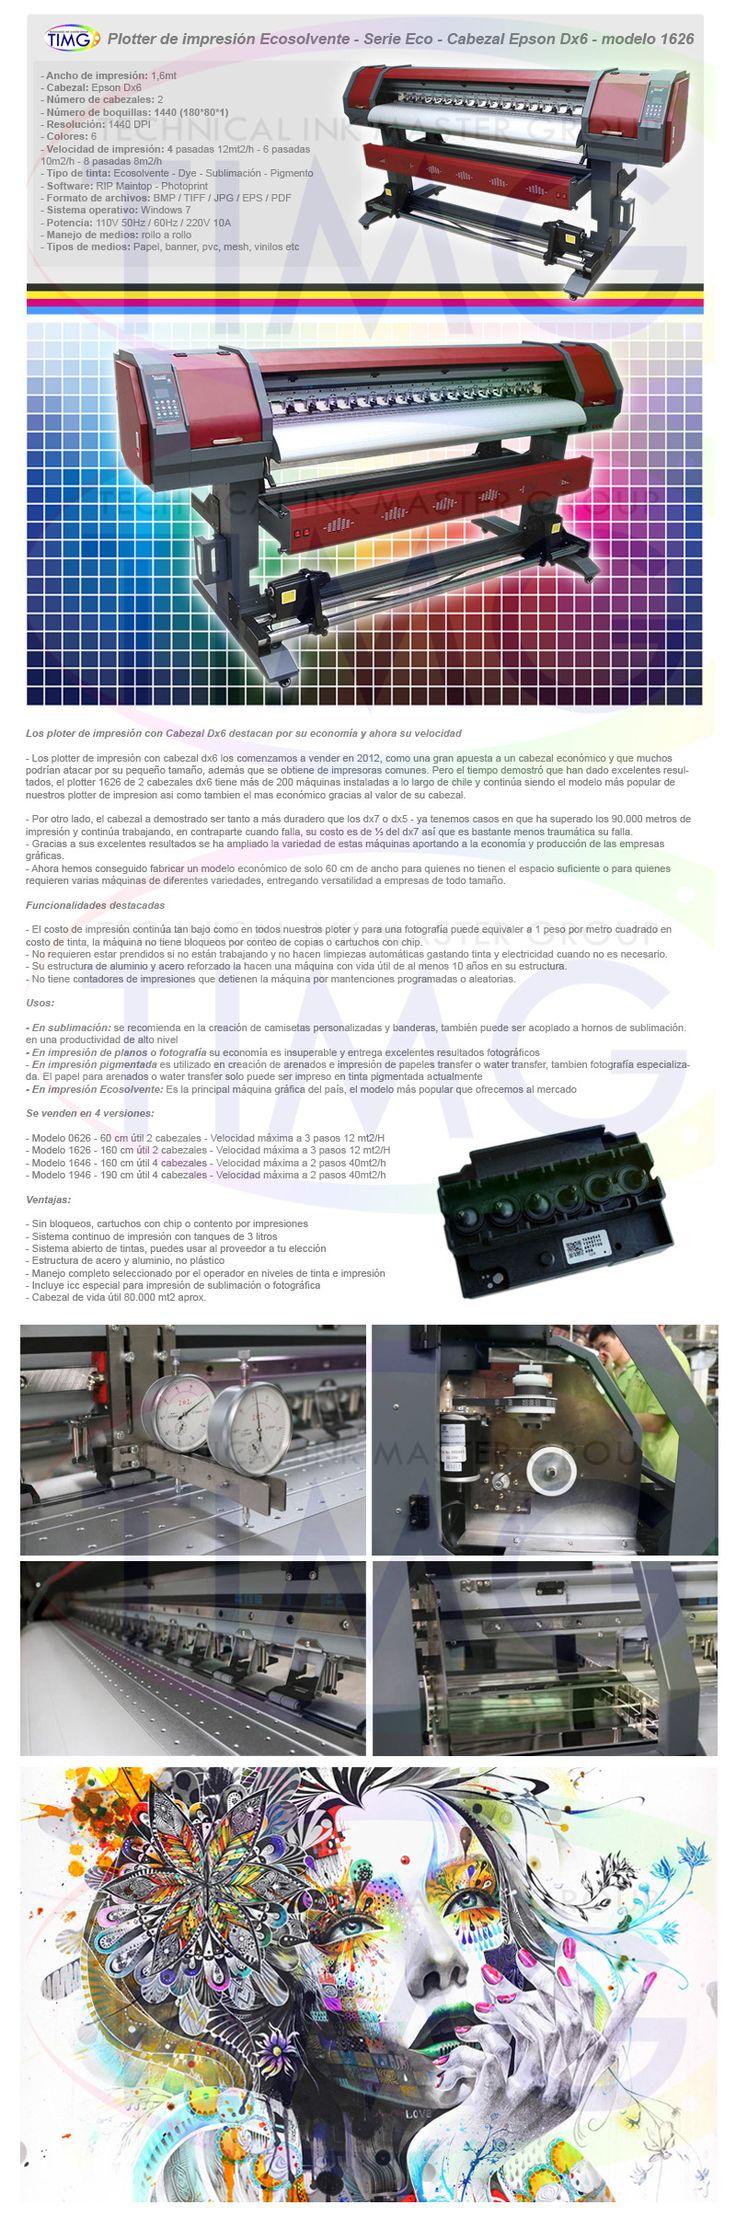 Han ingresado a bodega ploter de impresión 1626 queda solo 1 unidad disponible pronto comienzan las entregas - http://www.suministro.cl/product_p/6201010006.htm